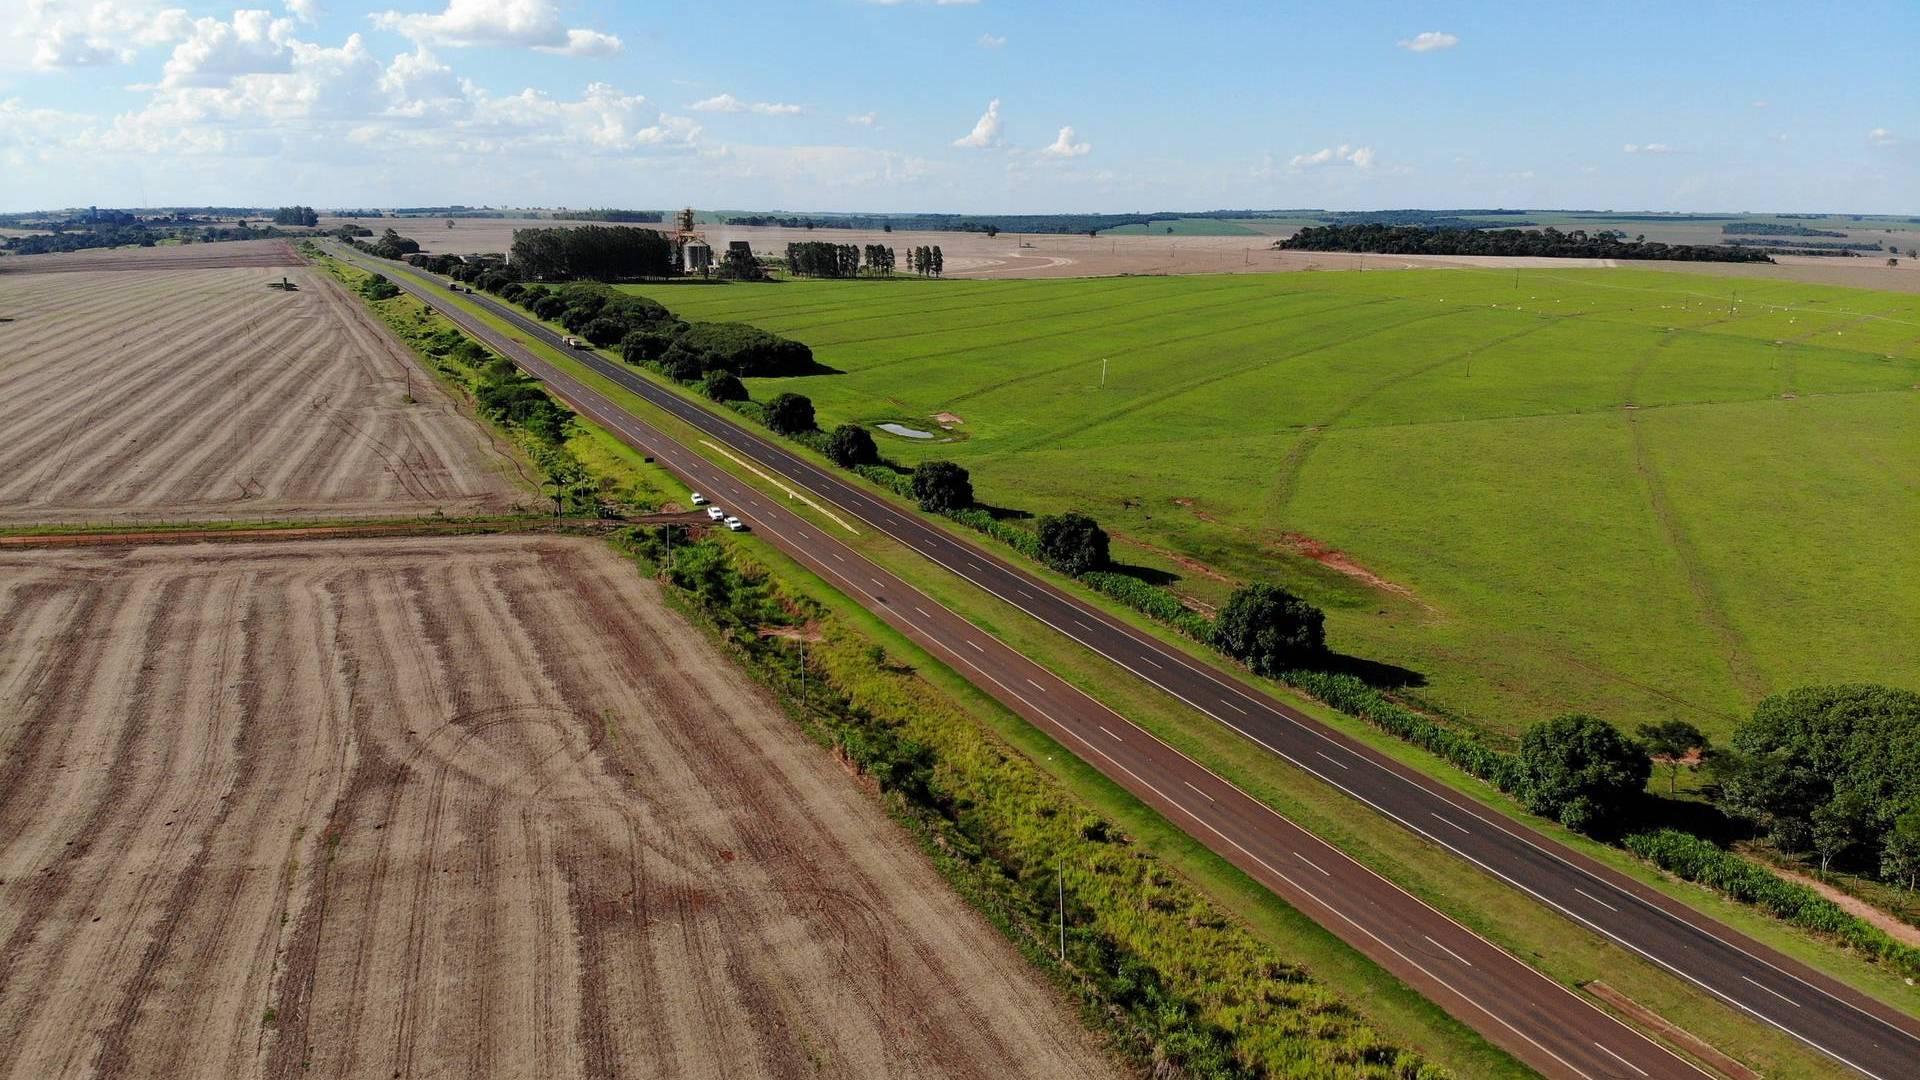 Ferrovia que vai transformar o Paraná será verde e sustentável